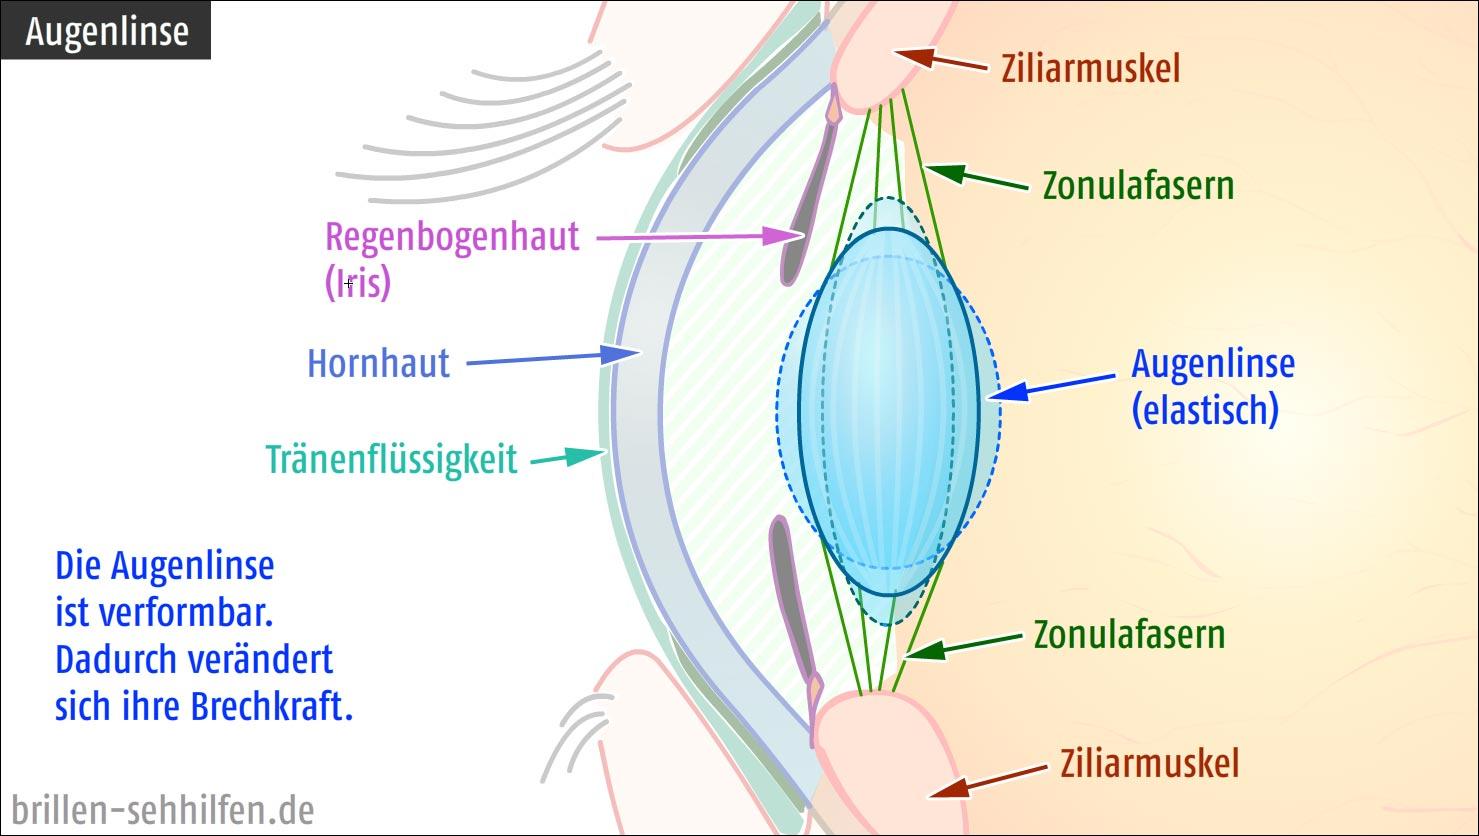 Akkommodation (Auge)